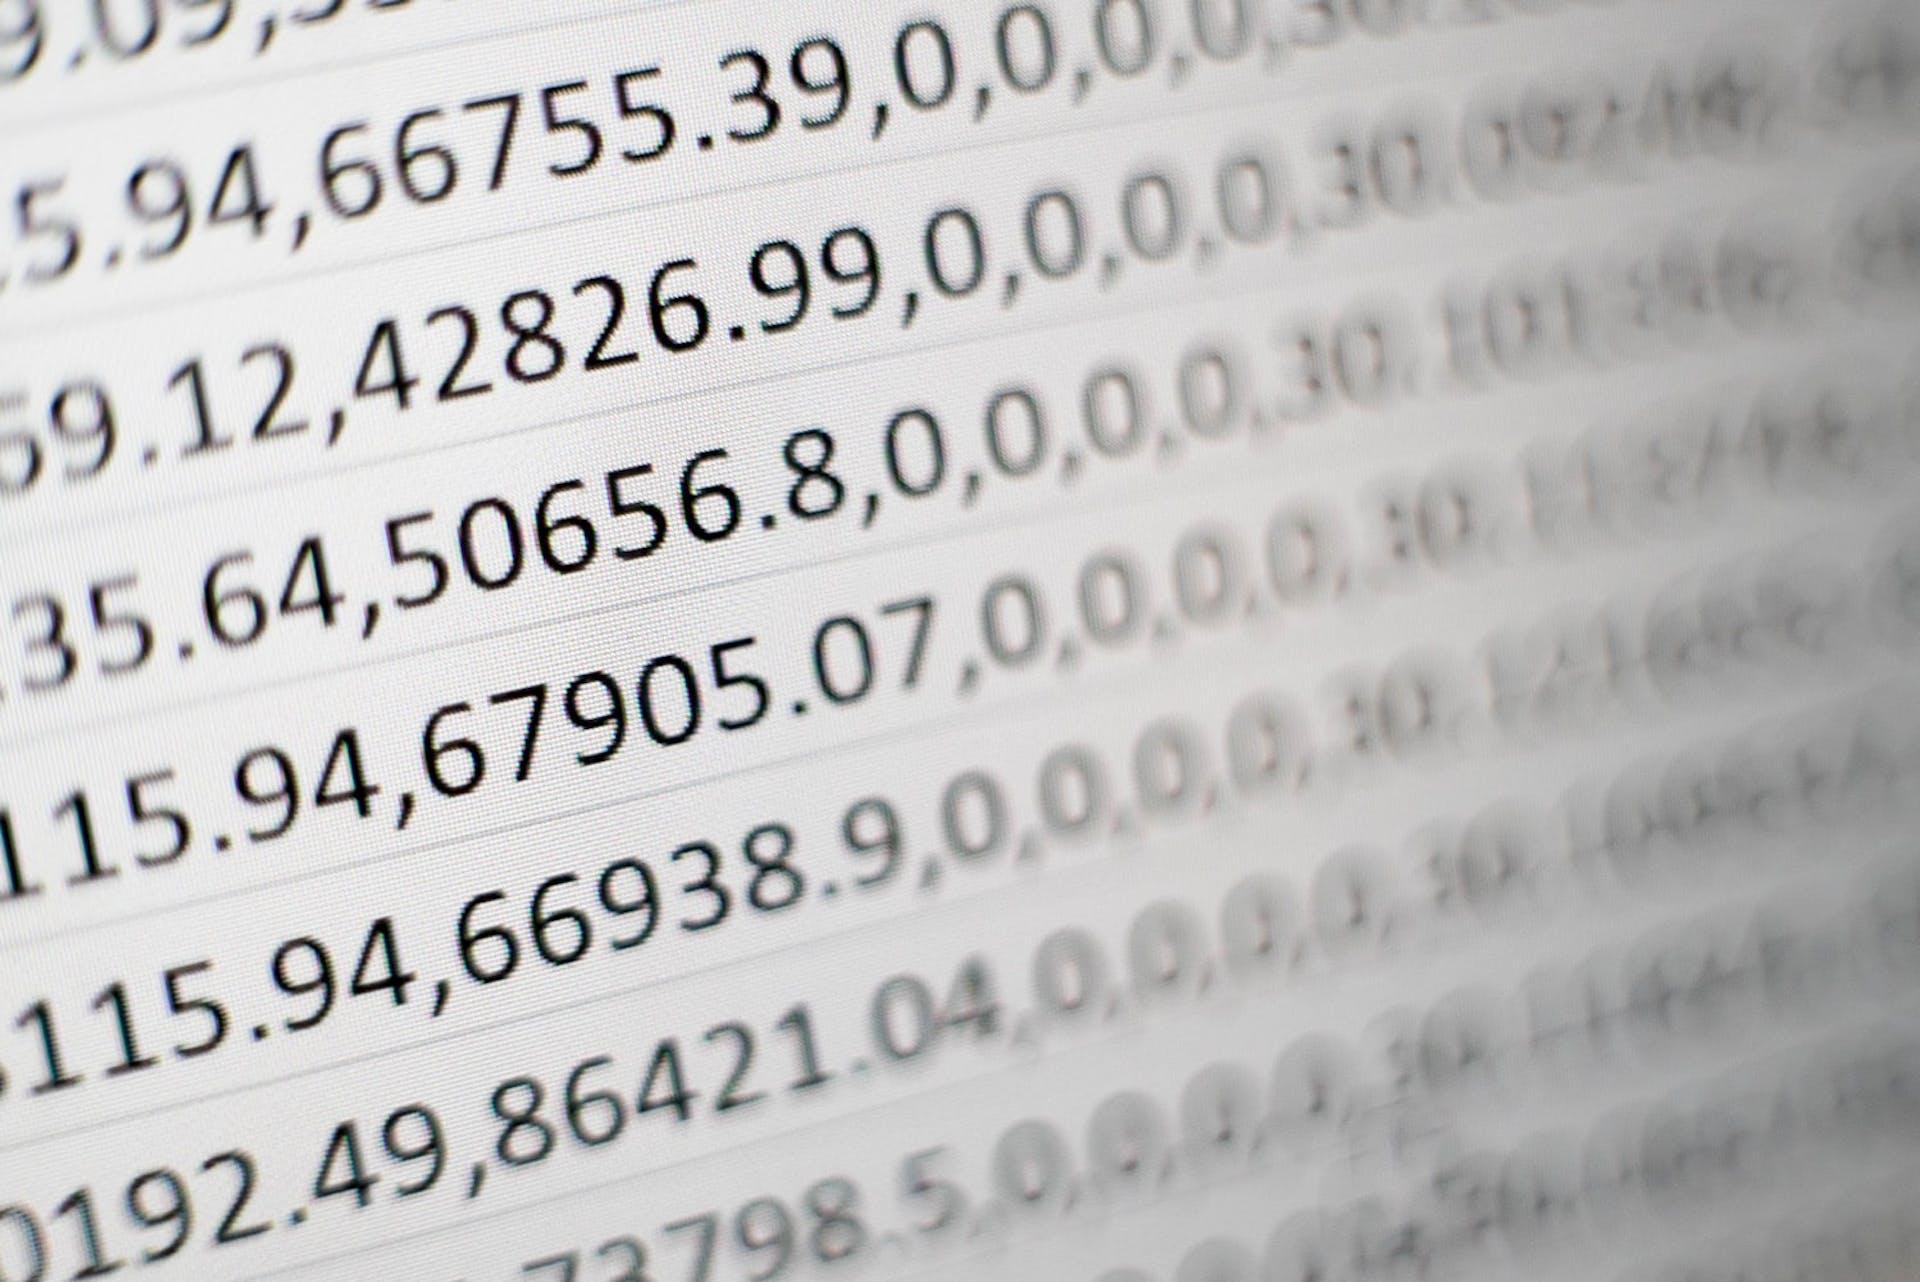 8 fórmulas de Google Sheets que rentabilizarán tu negocio